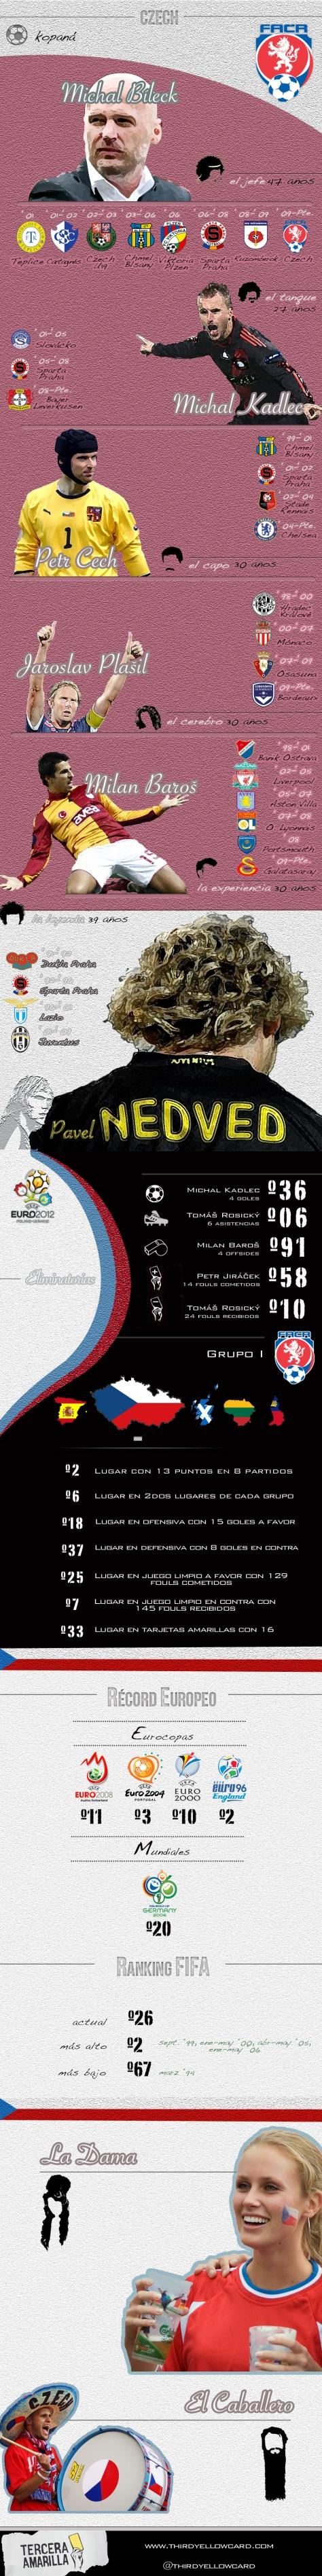 Infografía Republica Checa Eurocopa 2012